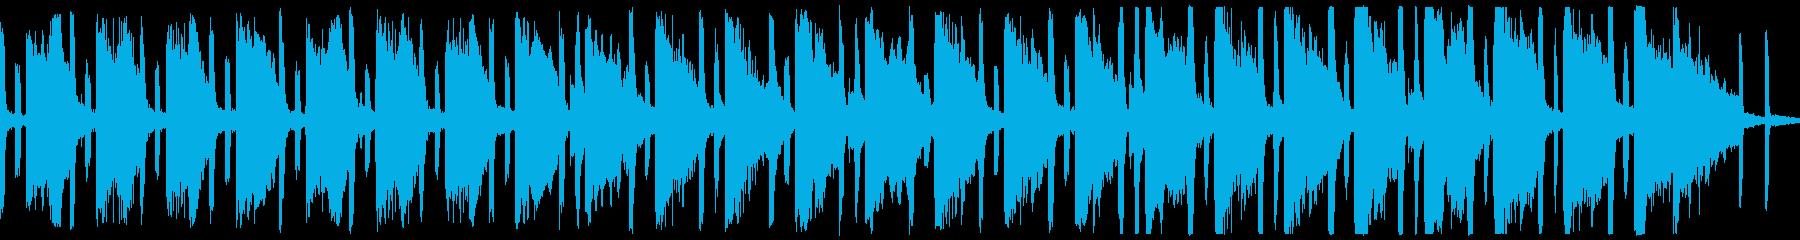 ほのぼのするエレピ曲です。の再生済みの波形